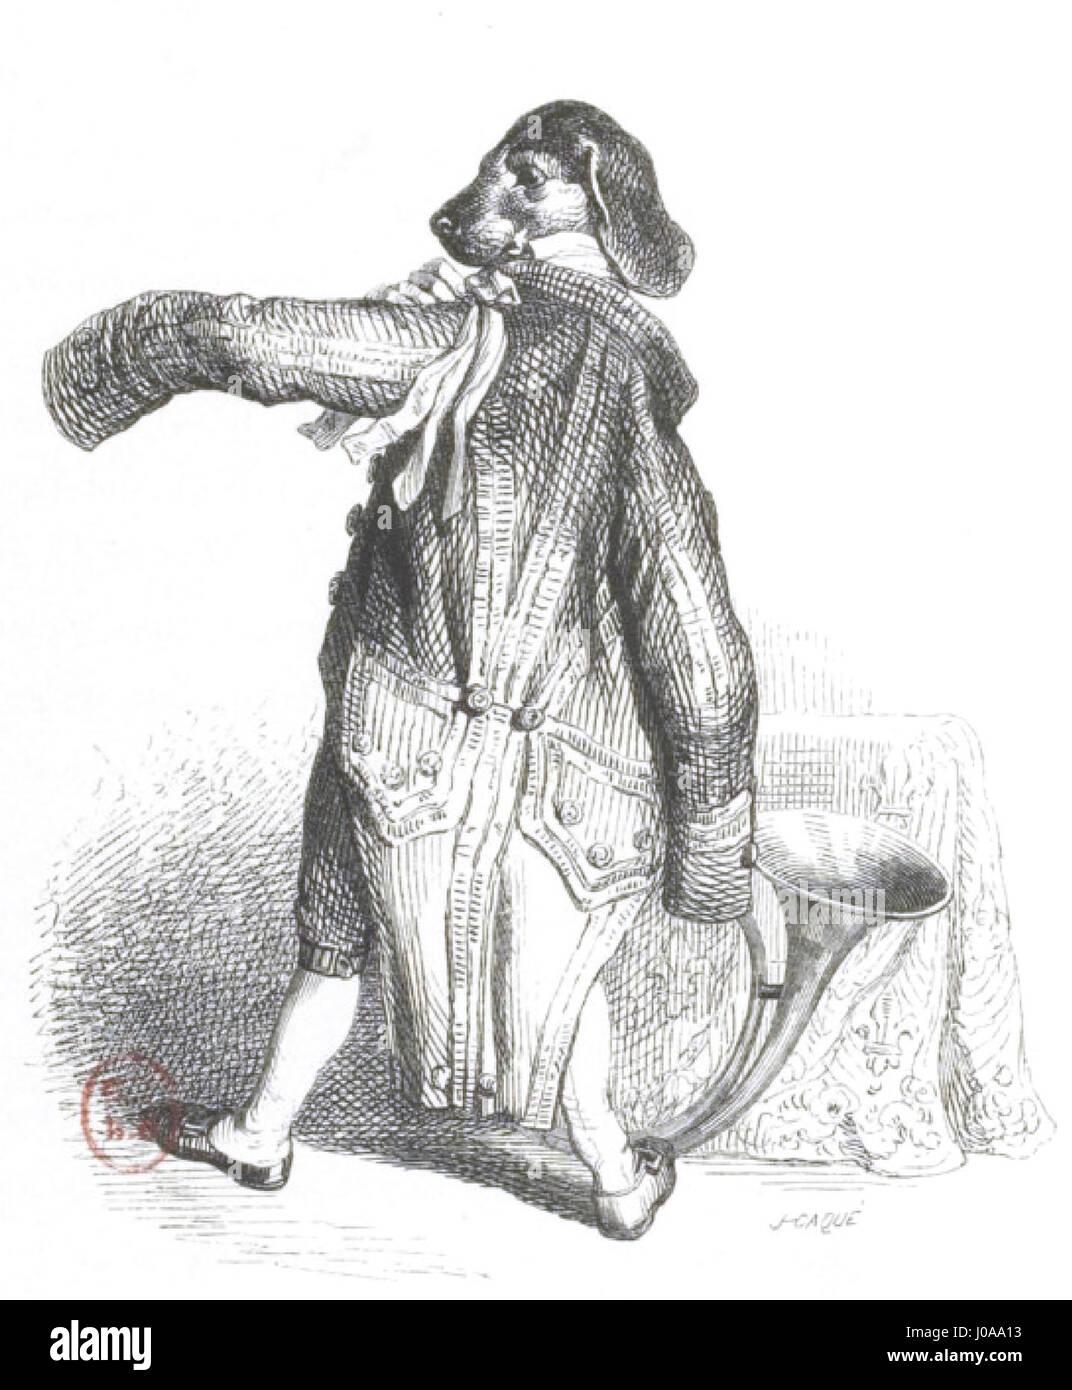 Scènes de la vie privée et publique des animaux, tome 1 0094 - Stock Image